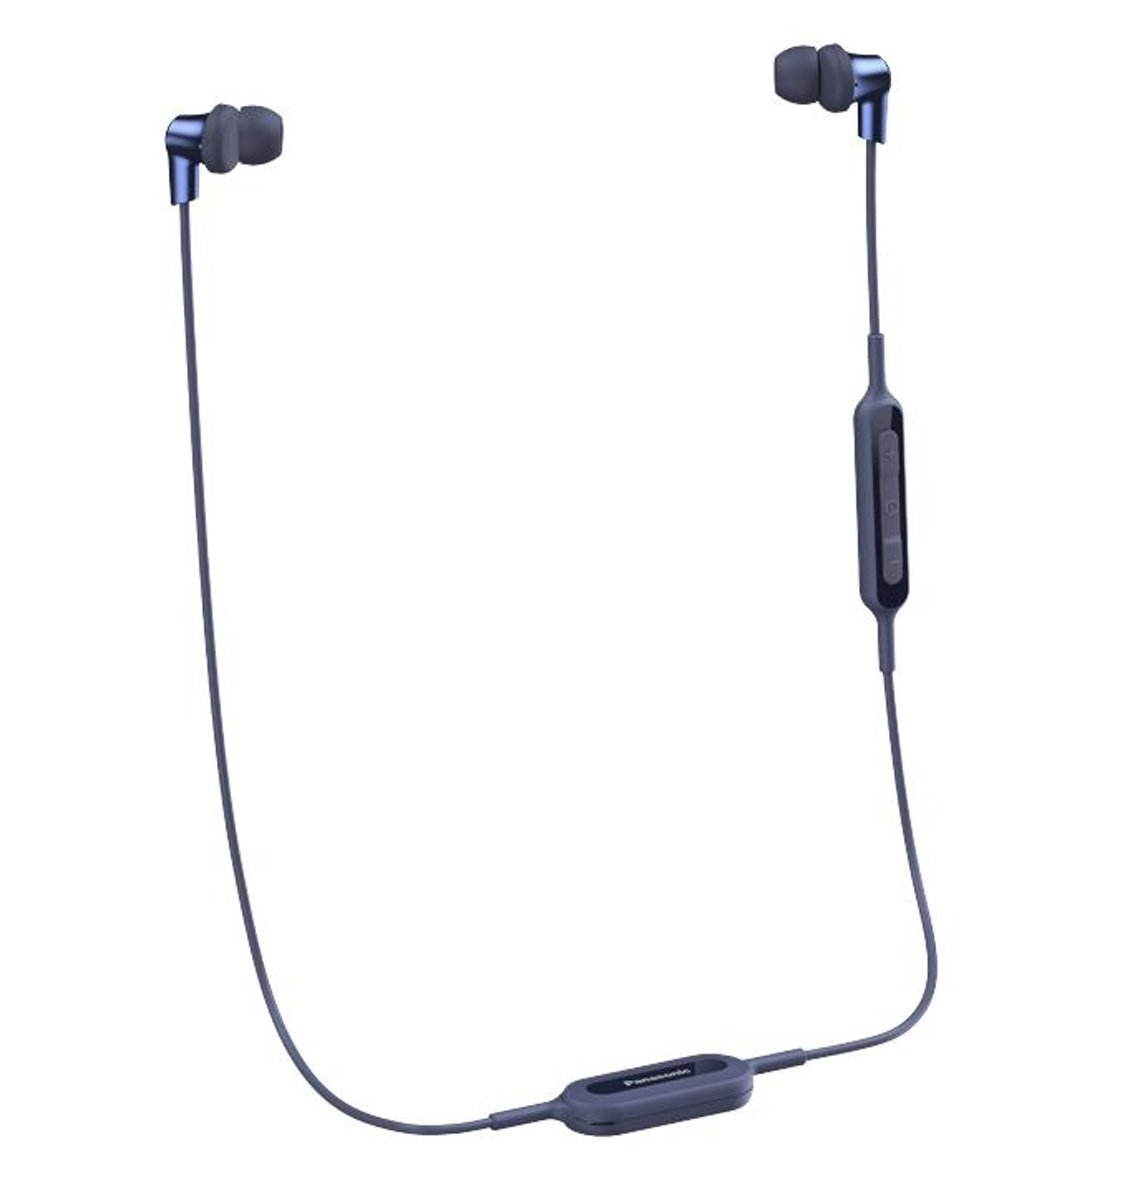 Panasonic RP-NJ300BE-A mobiele hoofdtelefoon Stereofonisch In-ear Blauw Draadloos kopen